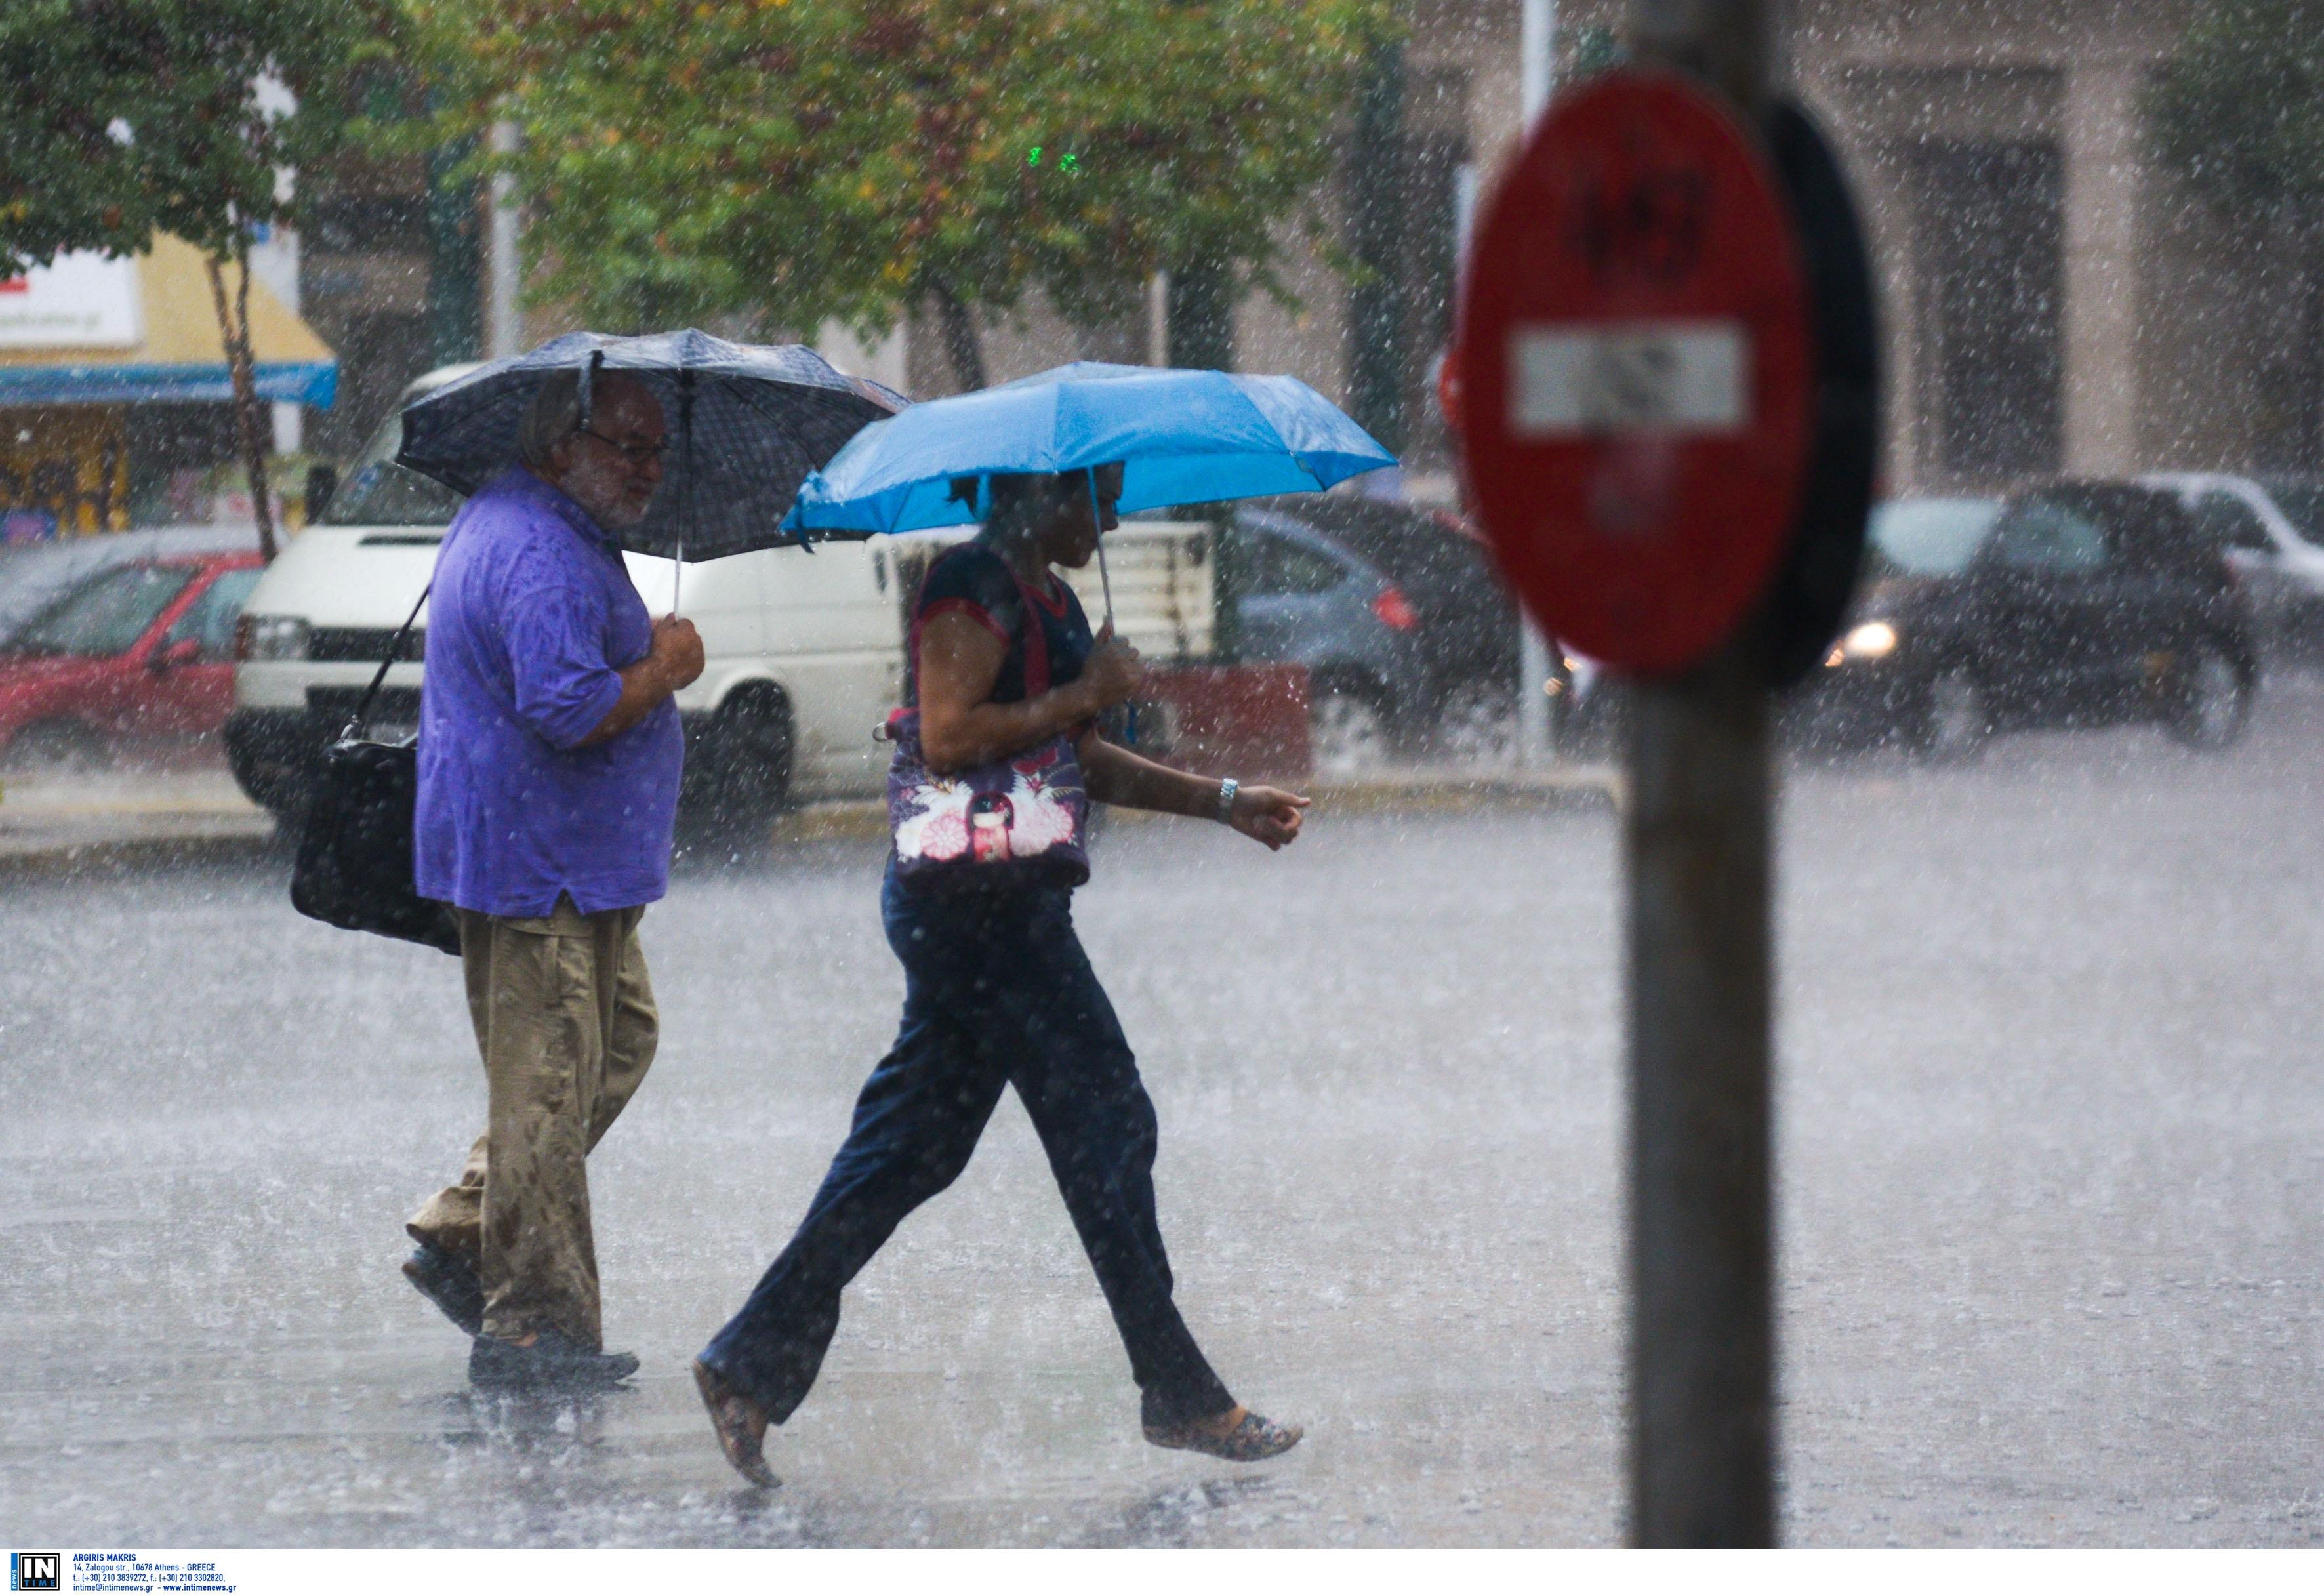 Θα μουλιάσουμε και σήμερα! Βροχές και ισχυρές καταιγίδες σε πολλές περιοχές